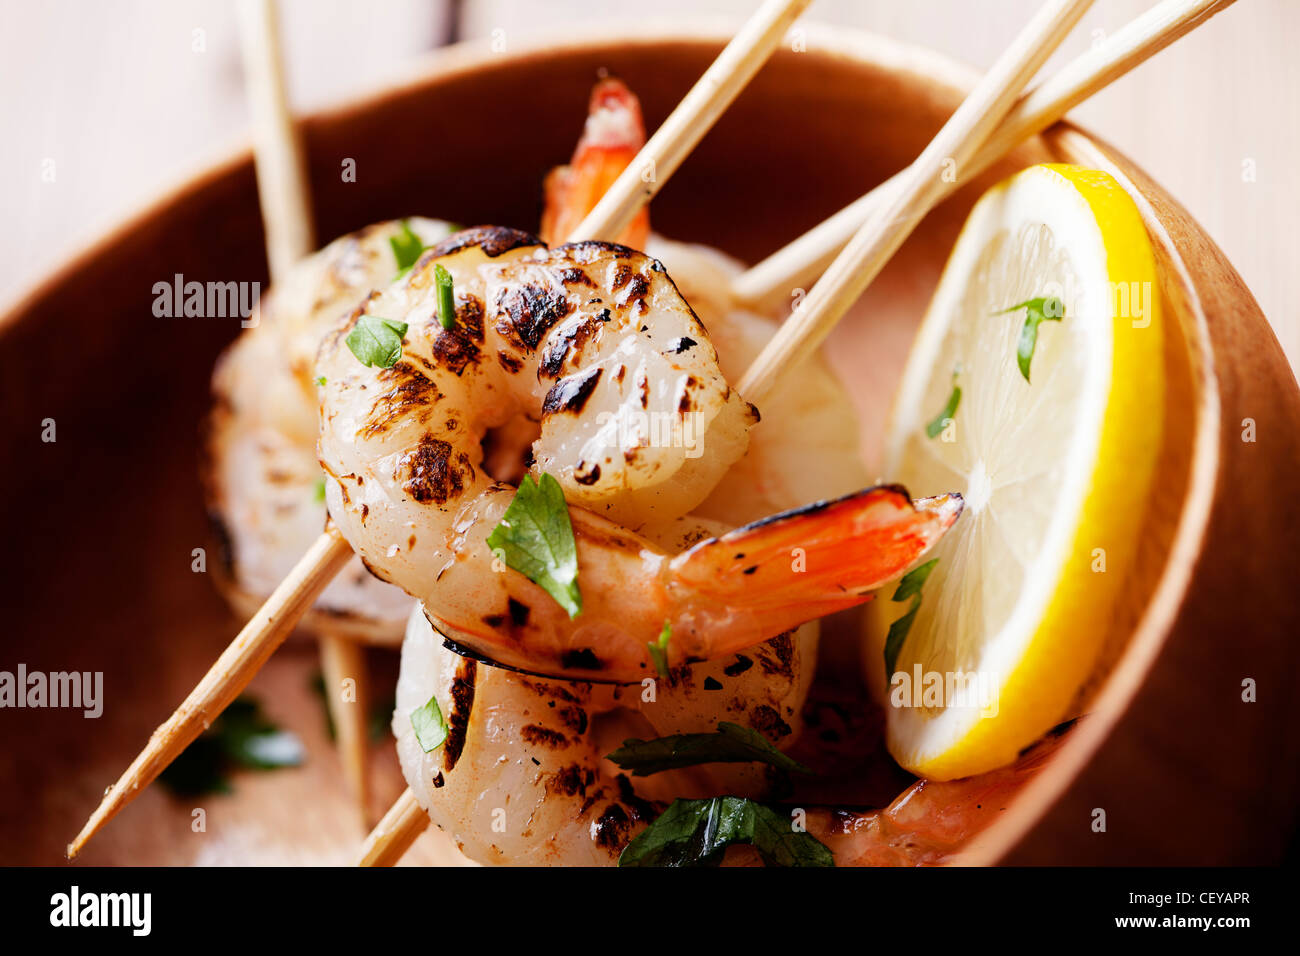 Crevettes grillées fraîches close up Photo Stock